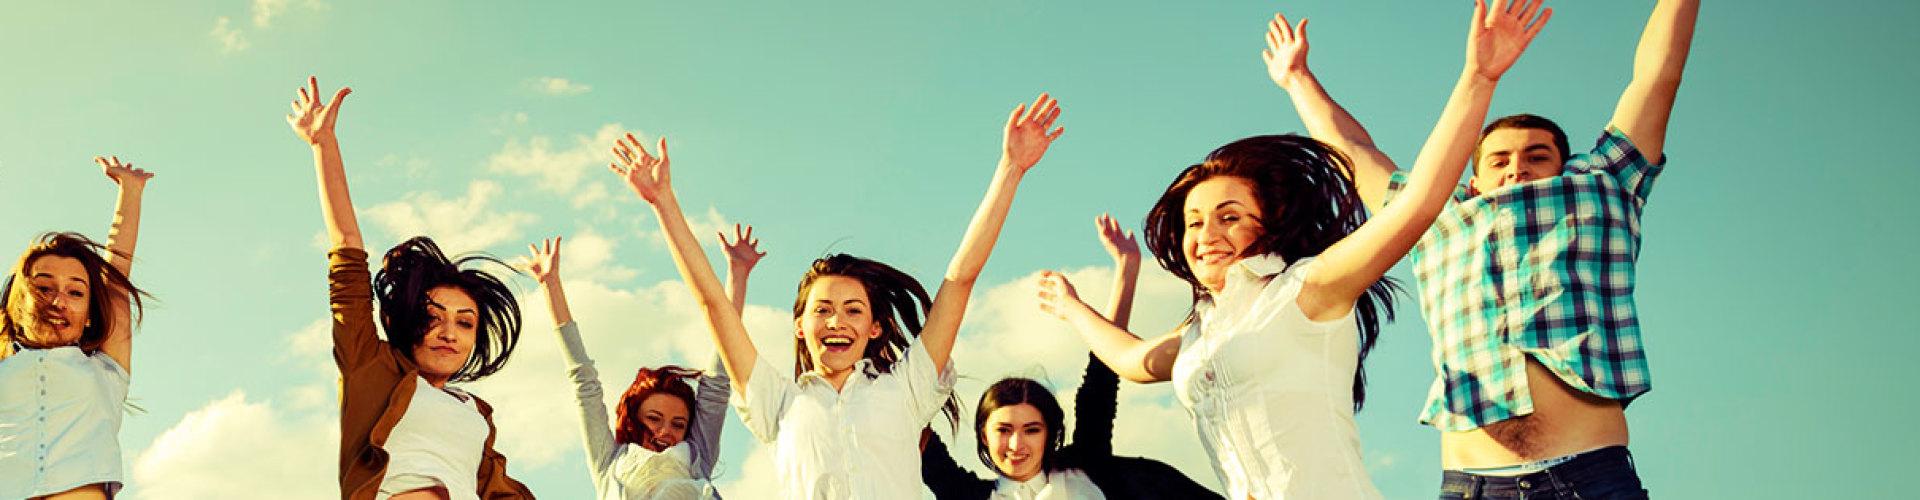 Neurofeedback zorgt voor mentale kracht en enthousiasme